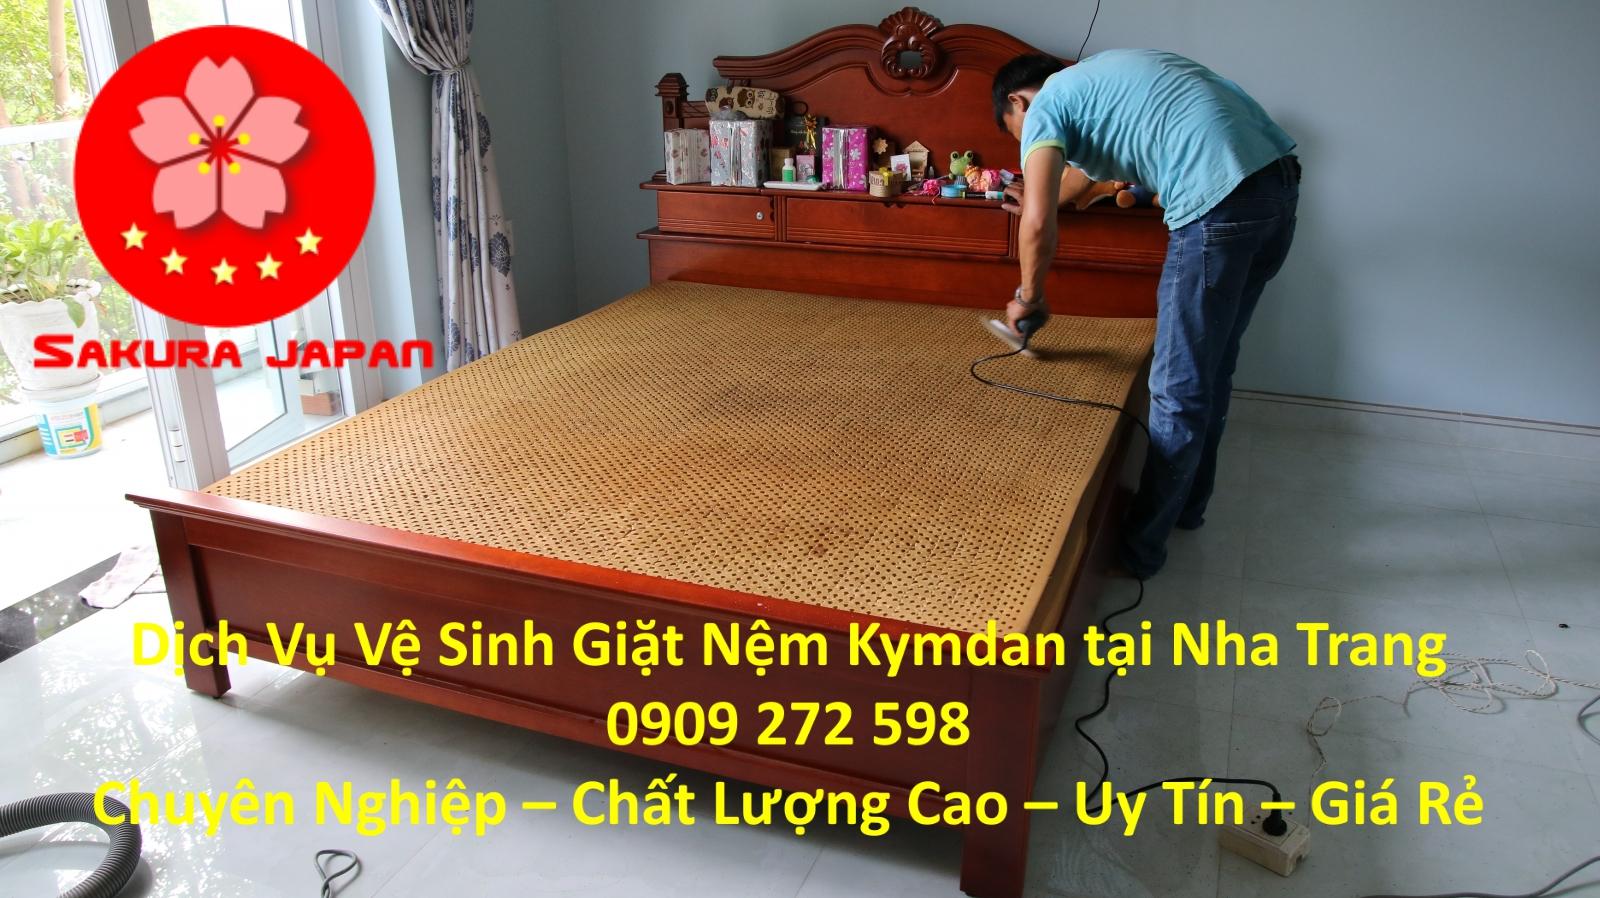 Dịch vụ Vệ Sinh Giặt Nệm Kymdan Tại Nha Trang Chuyên Nghiệp Giá Rẻ Nhất